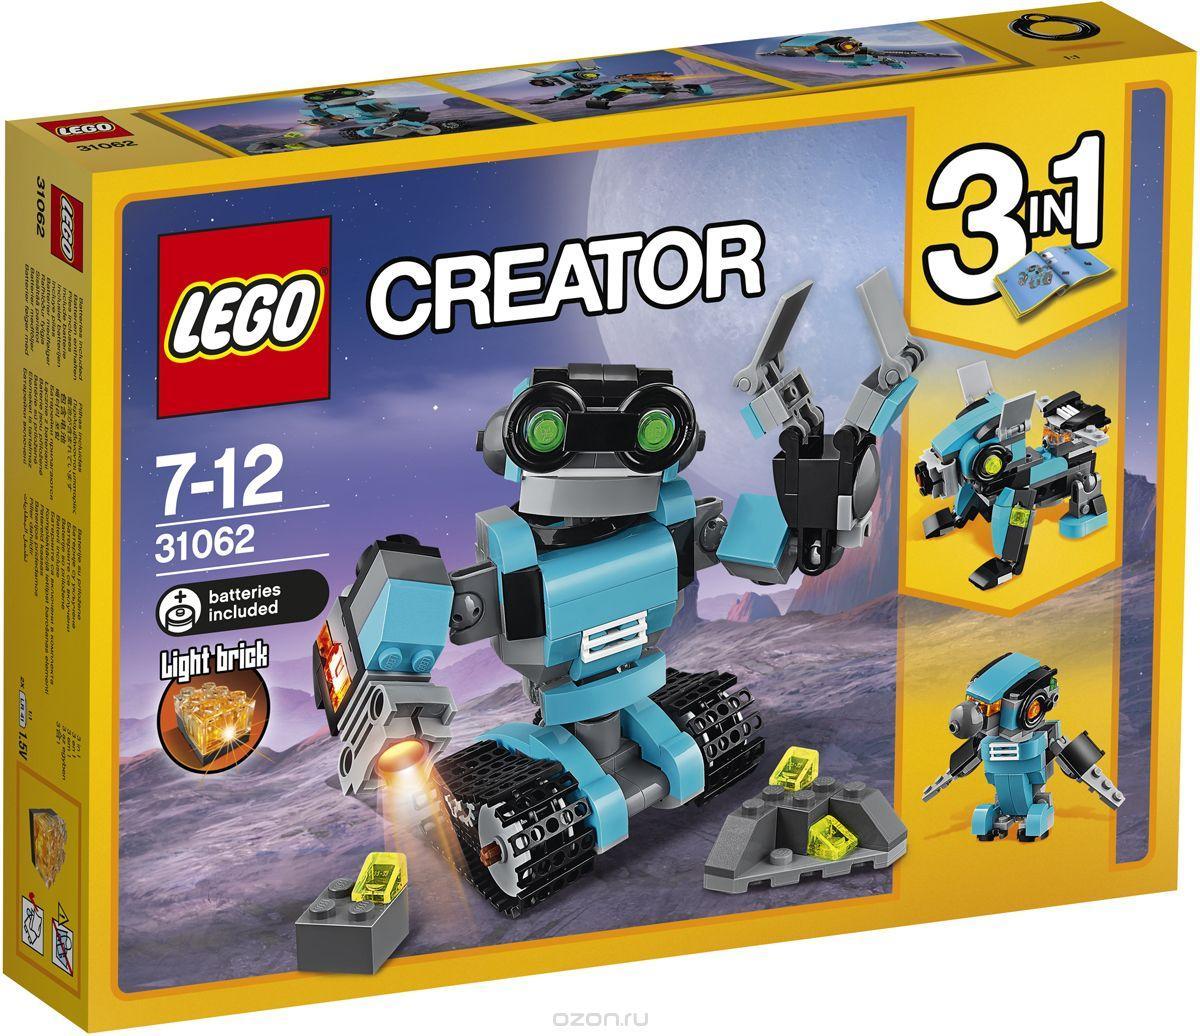 Конструктор LEGO Creator Робот-дослідник 31062, для розвитку дітей